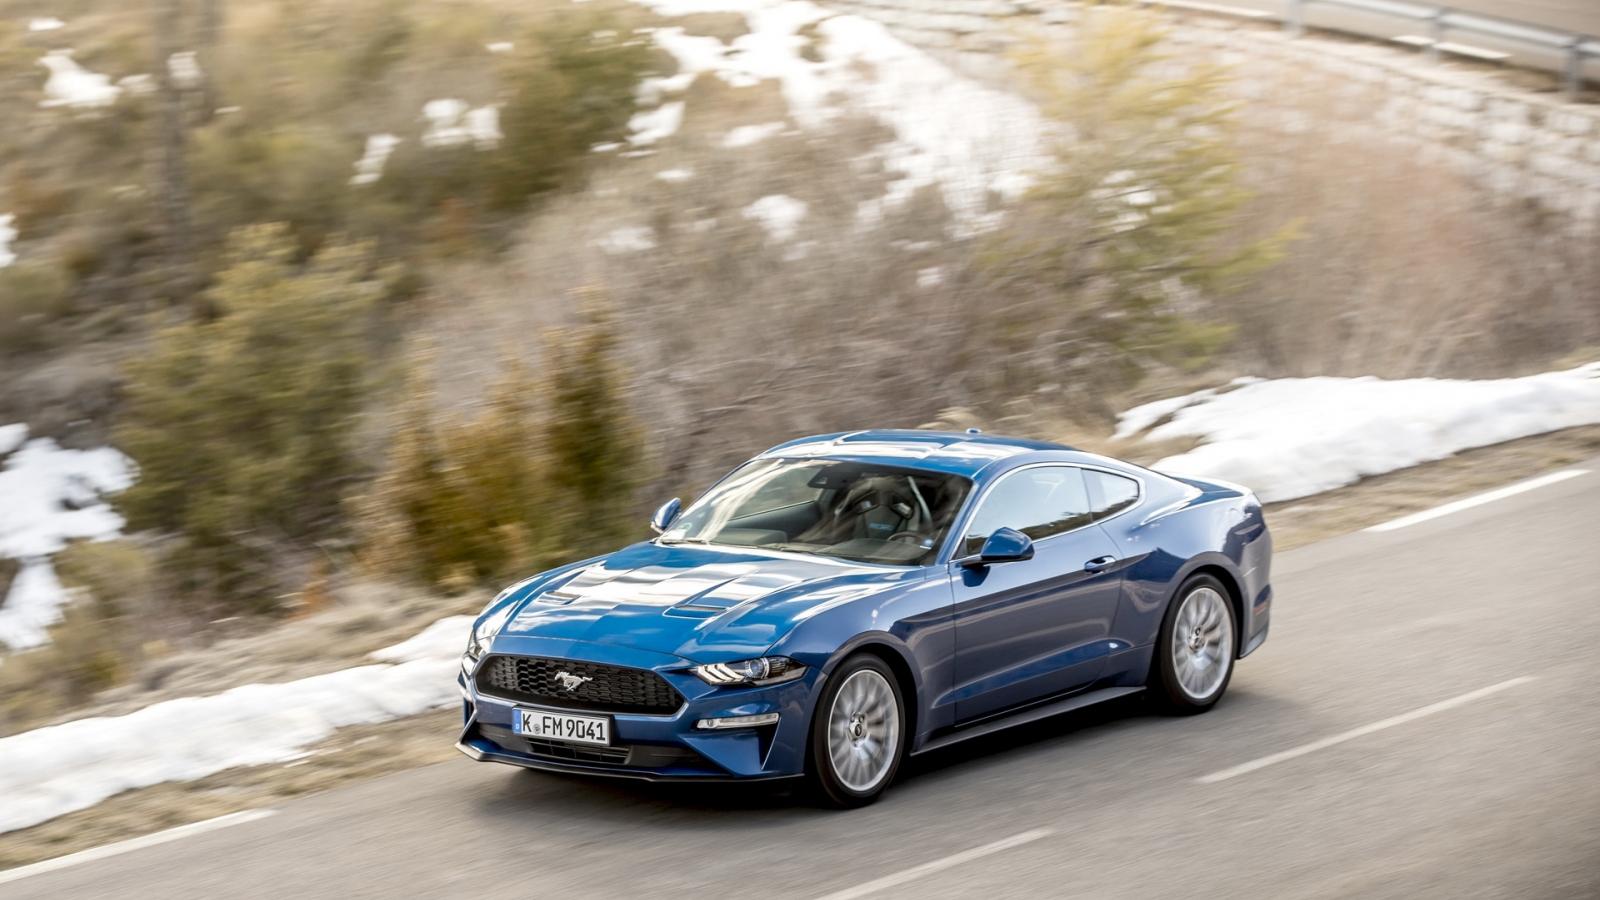 Fordchâu Âu loại bỏ Mustang EcoBoost do doanh số thấp